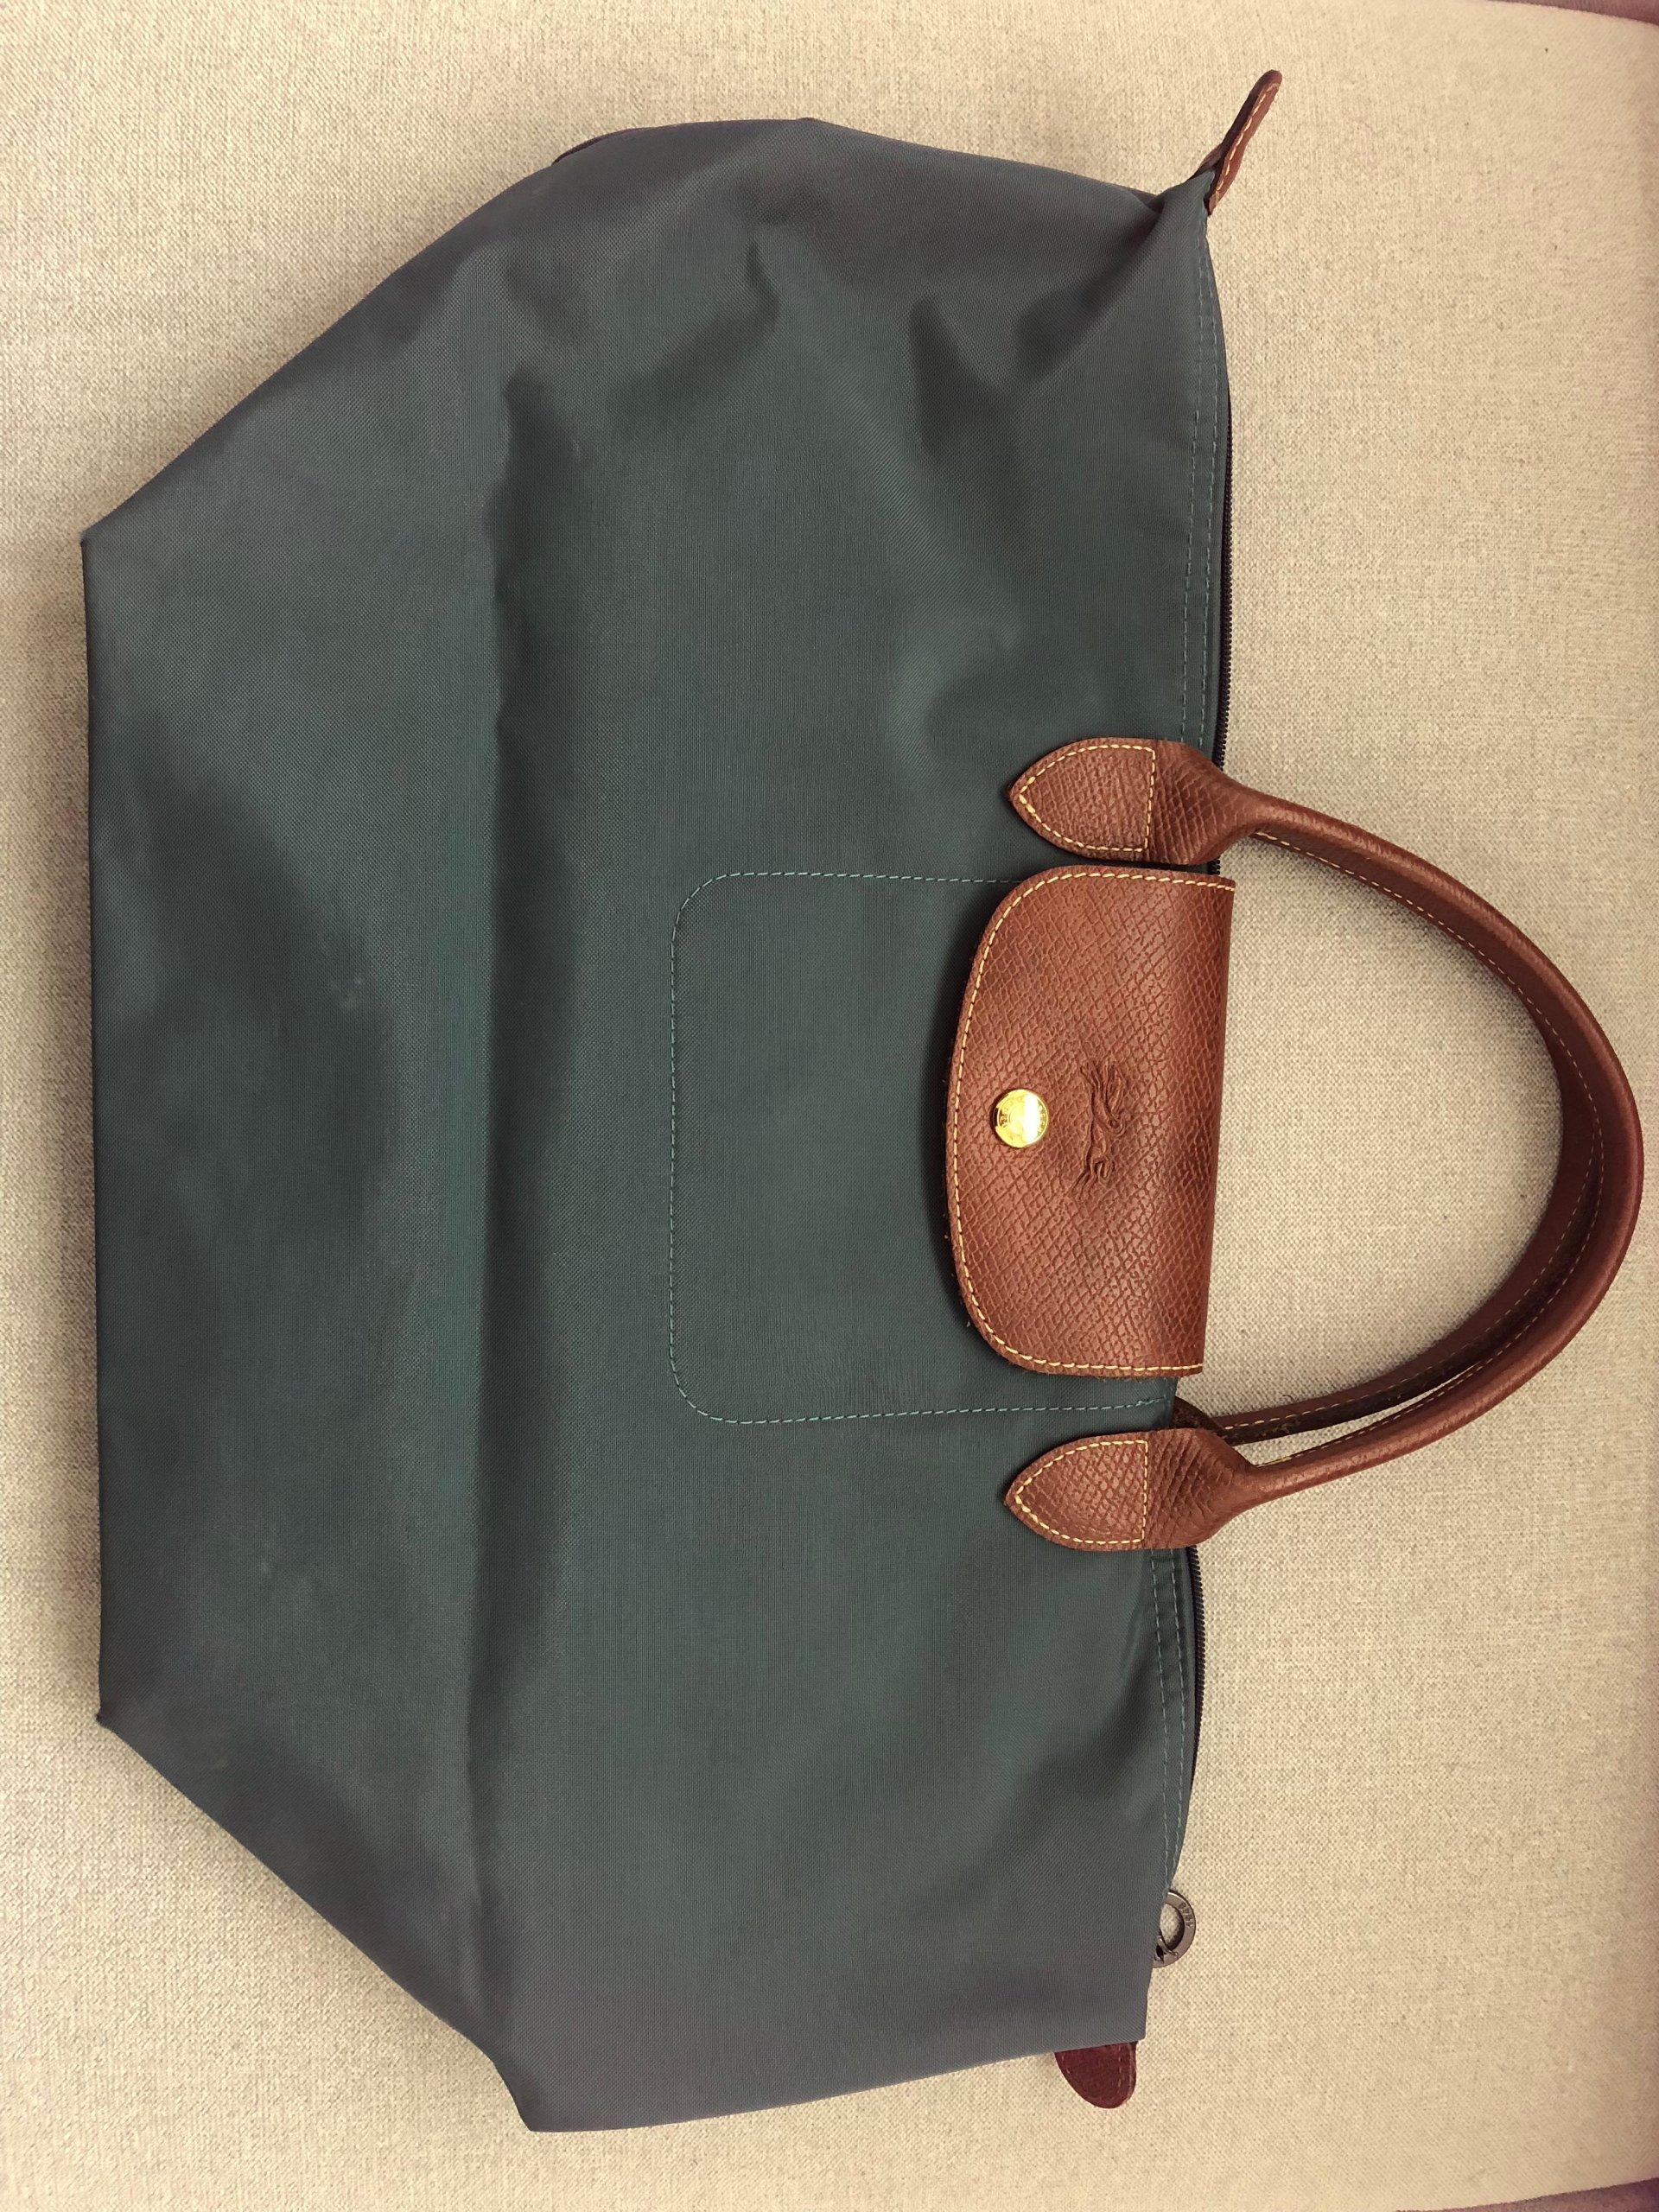 c96033f8f8196 Torebka Longchamp, Le Pliage, rozmiar M, zielona - 7202619010 ...